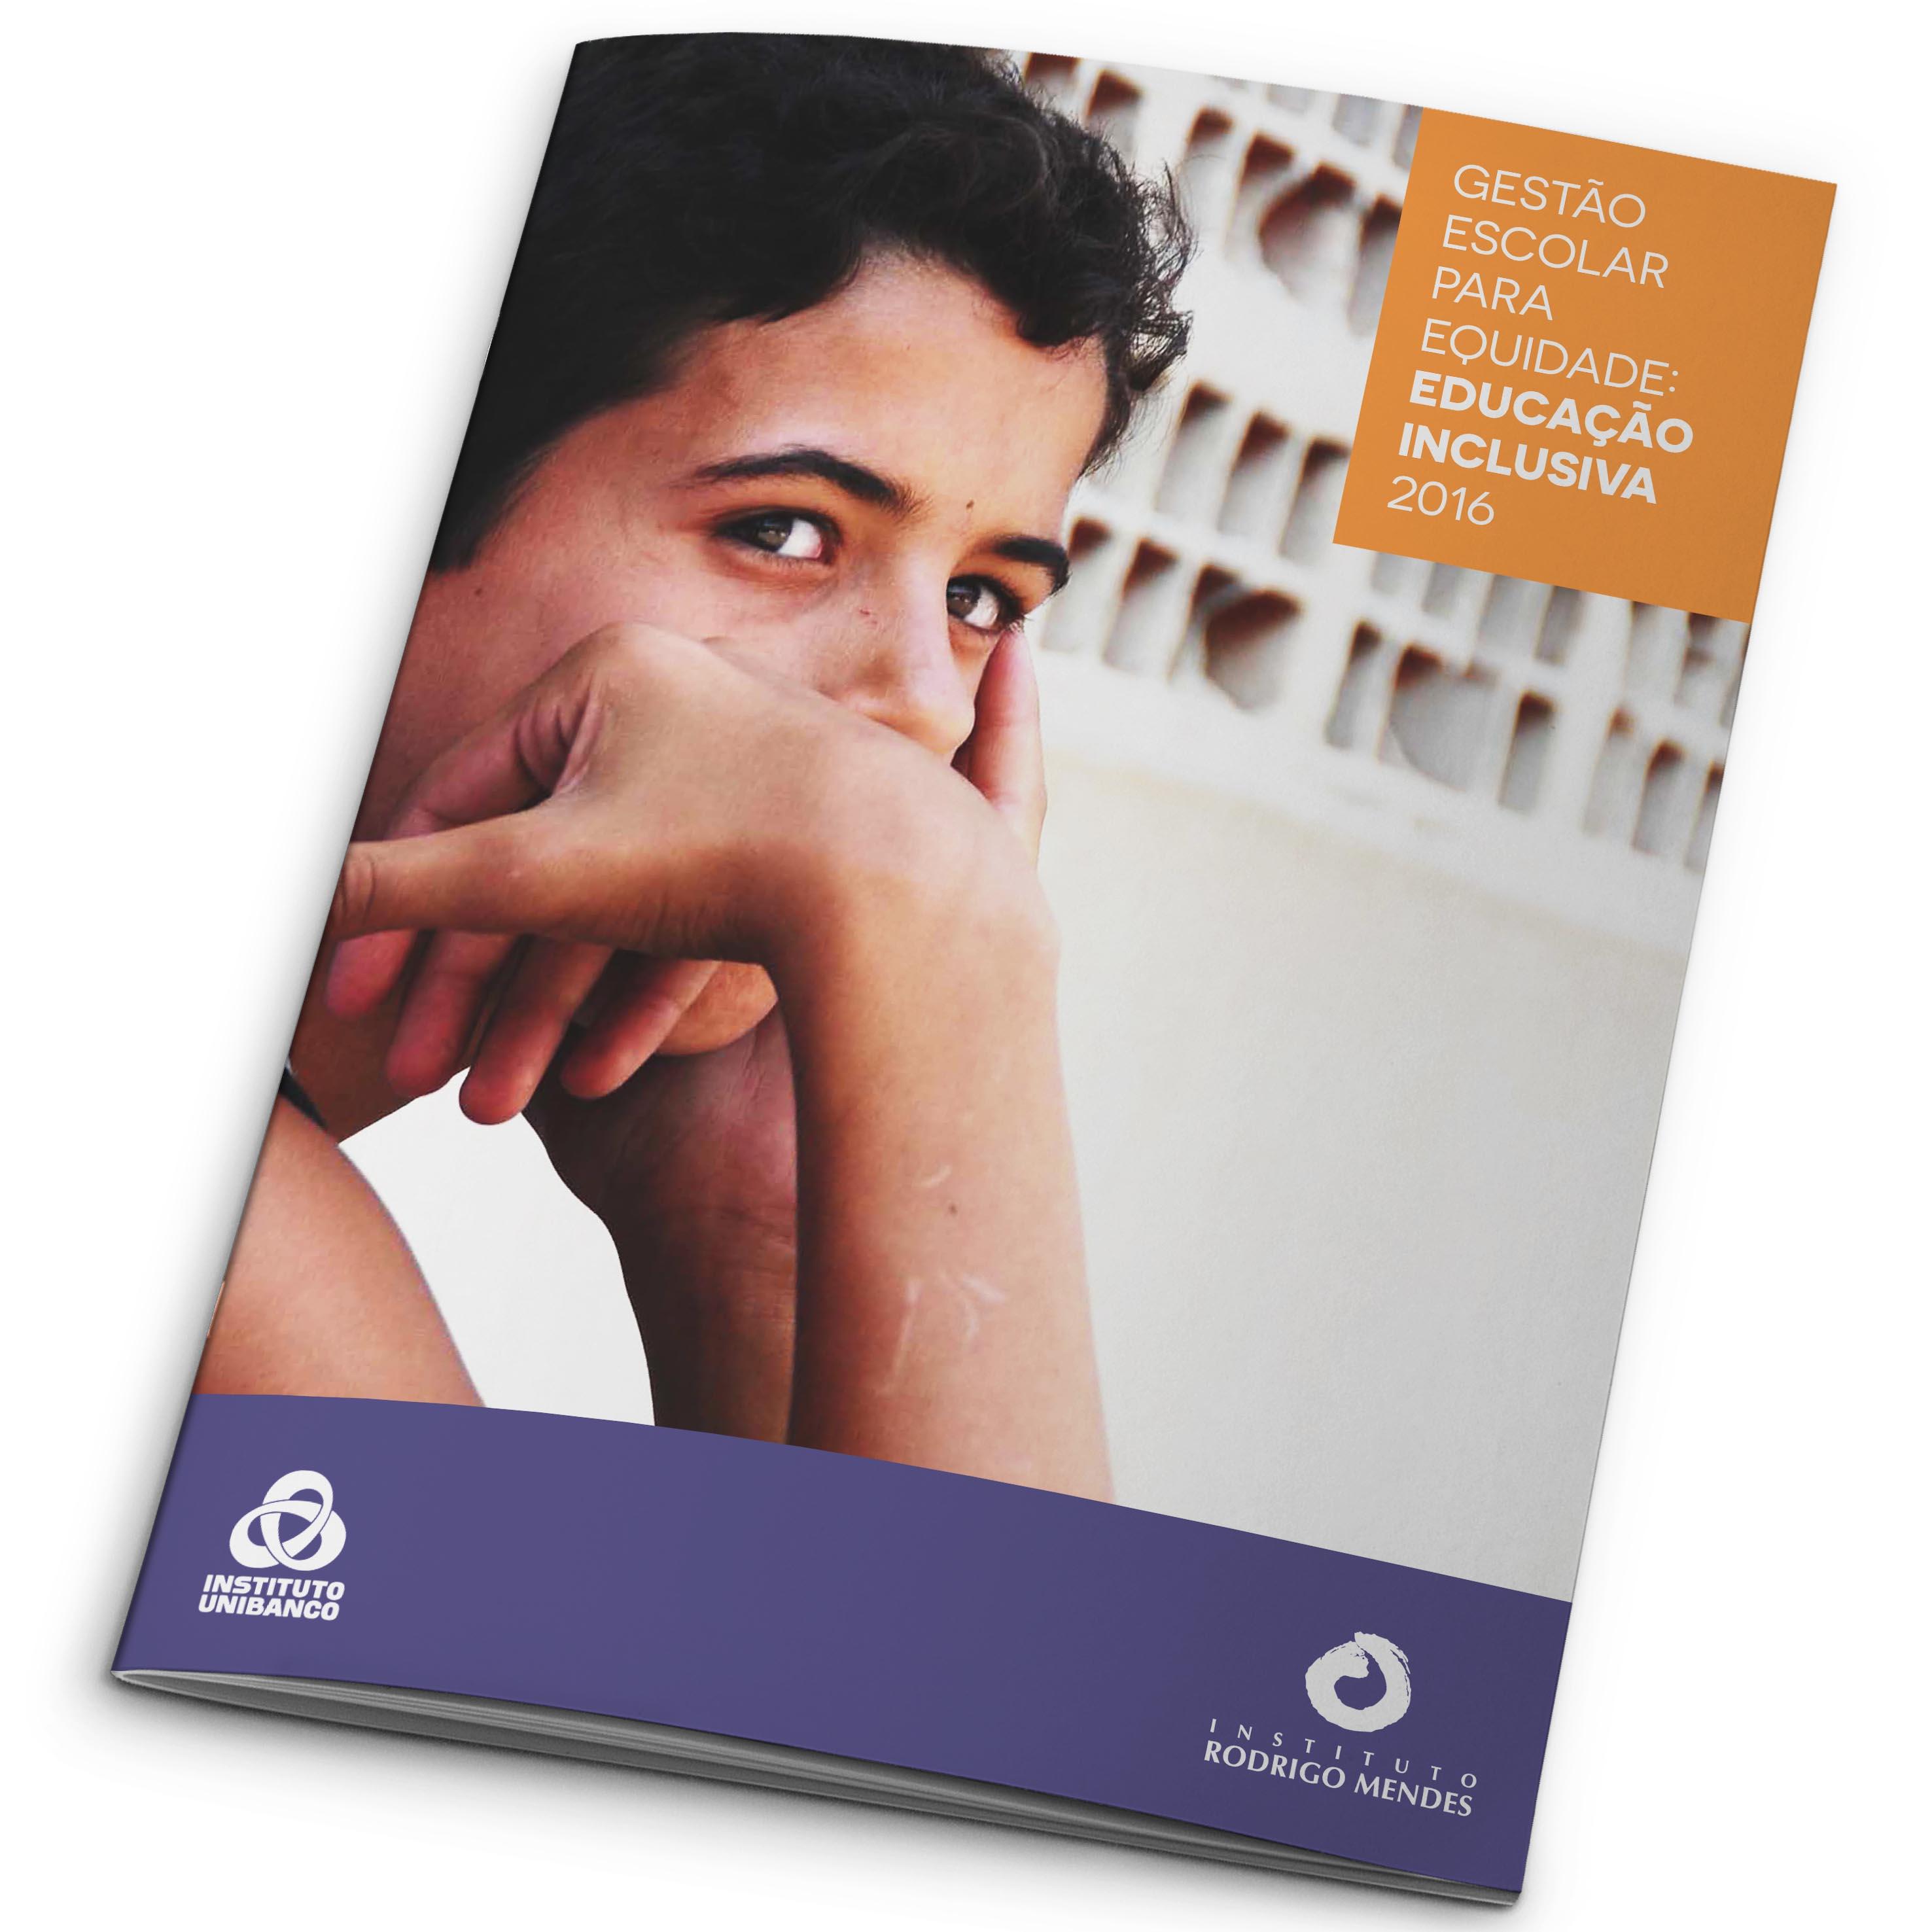 Livreto Gestão Escolar para Equidade: Educação Inclusiva 2016